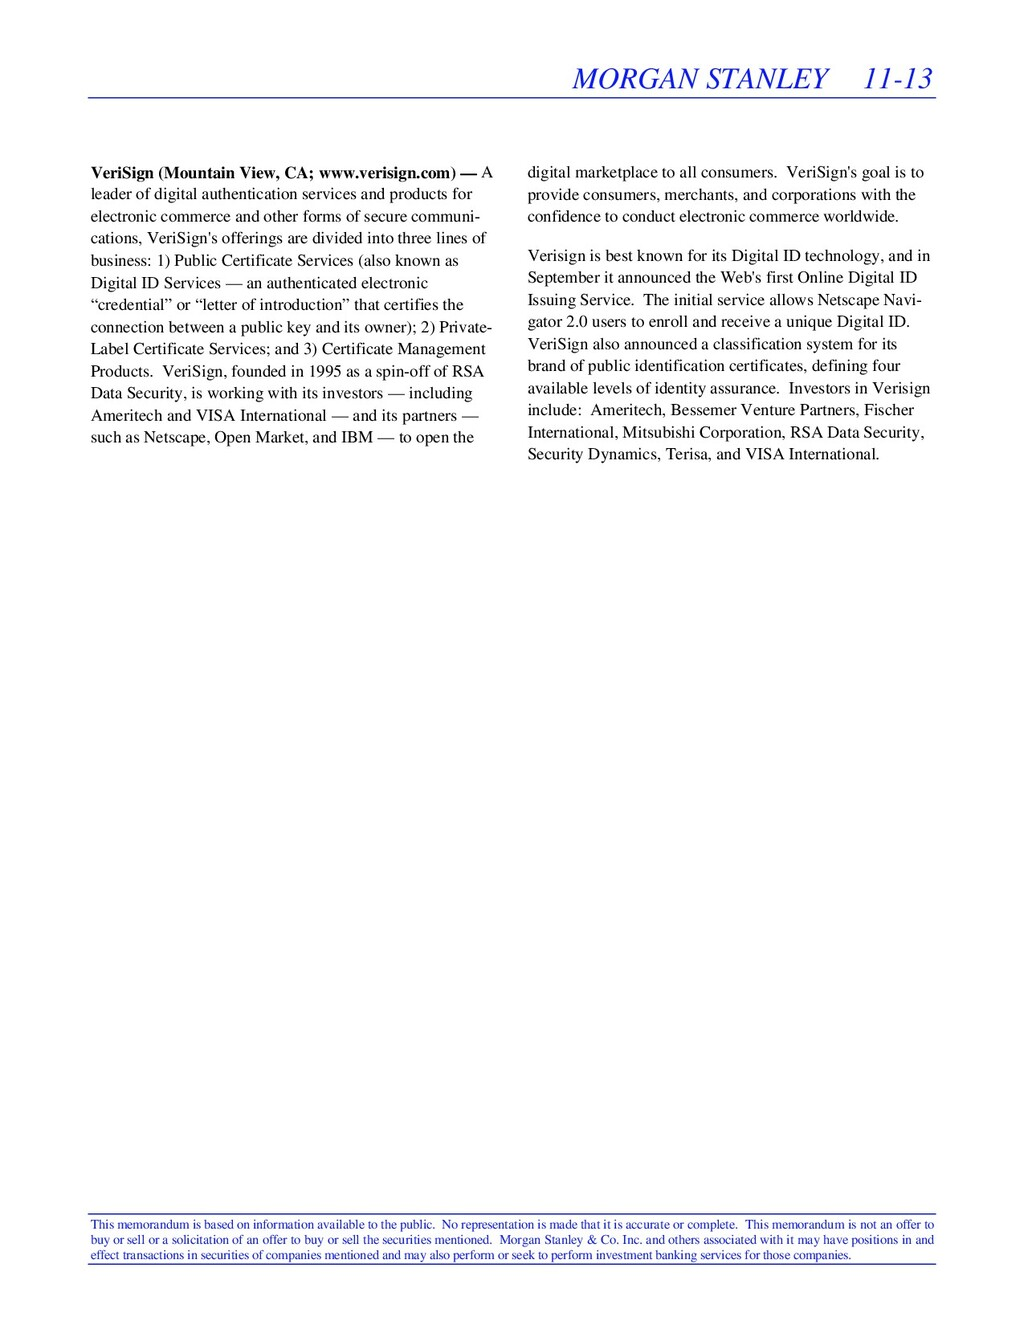 MORGAN STANLEY 11-13 This memorandum is based o...